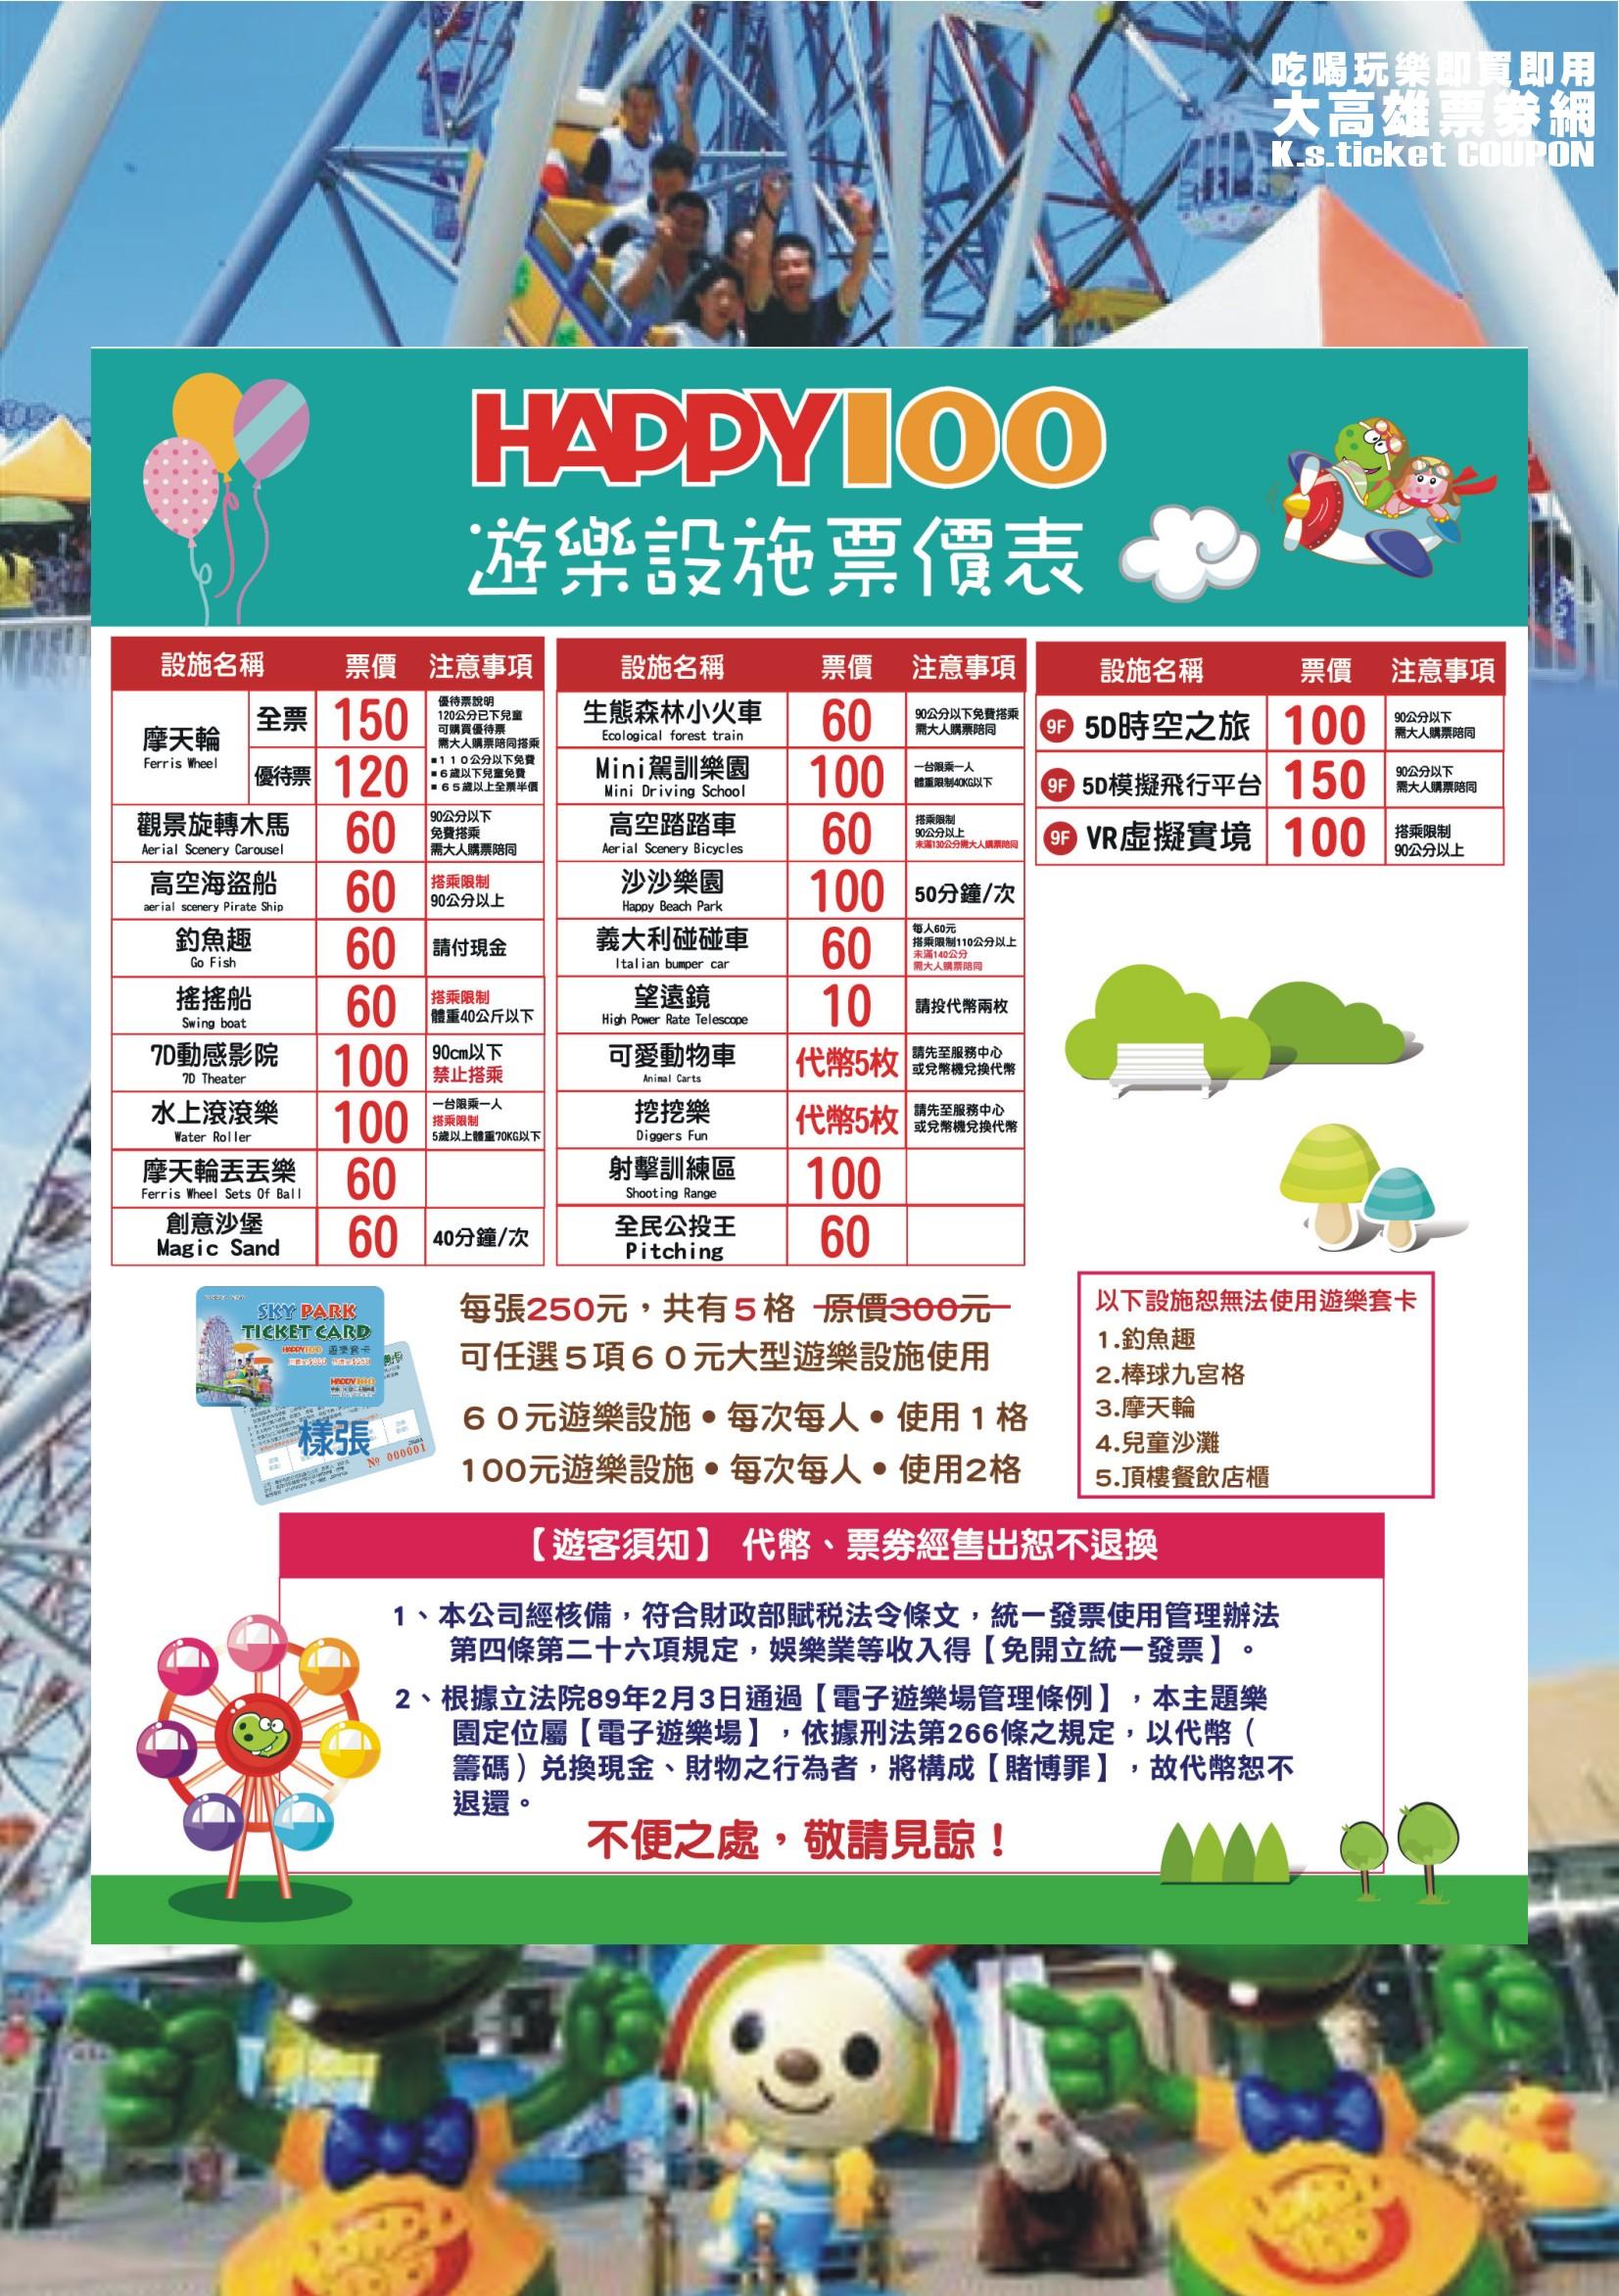 夢時代HAPPY100空中主題樂園3.JPG